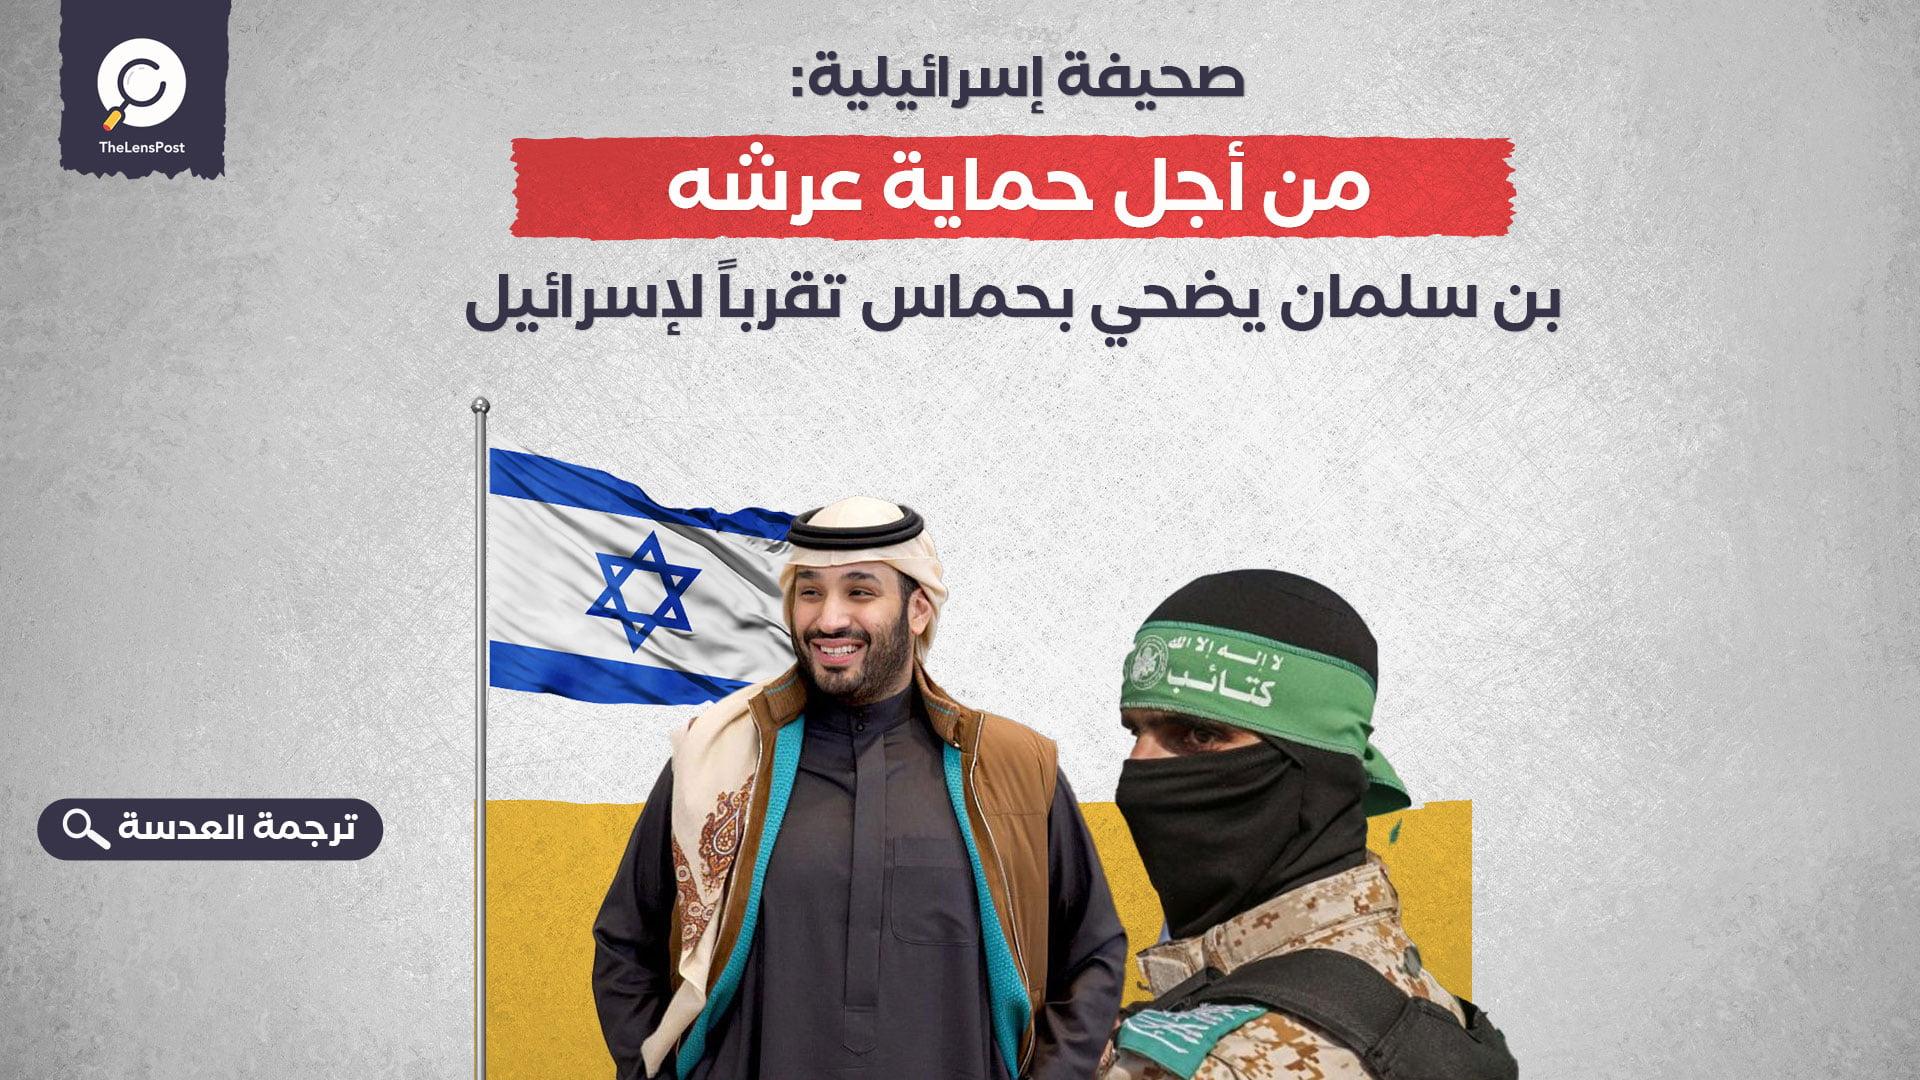 صحيفة إسرائيلية: من أجل حماية عرشه.. بن سلمان يضحي بحماس تقرباً لإسرائيل